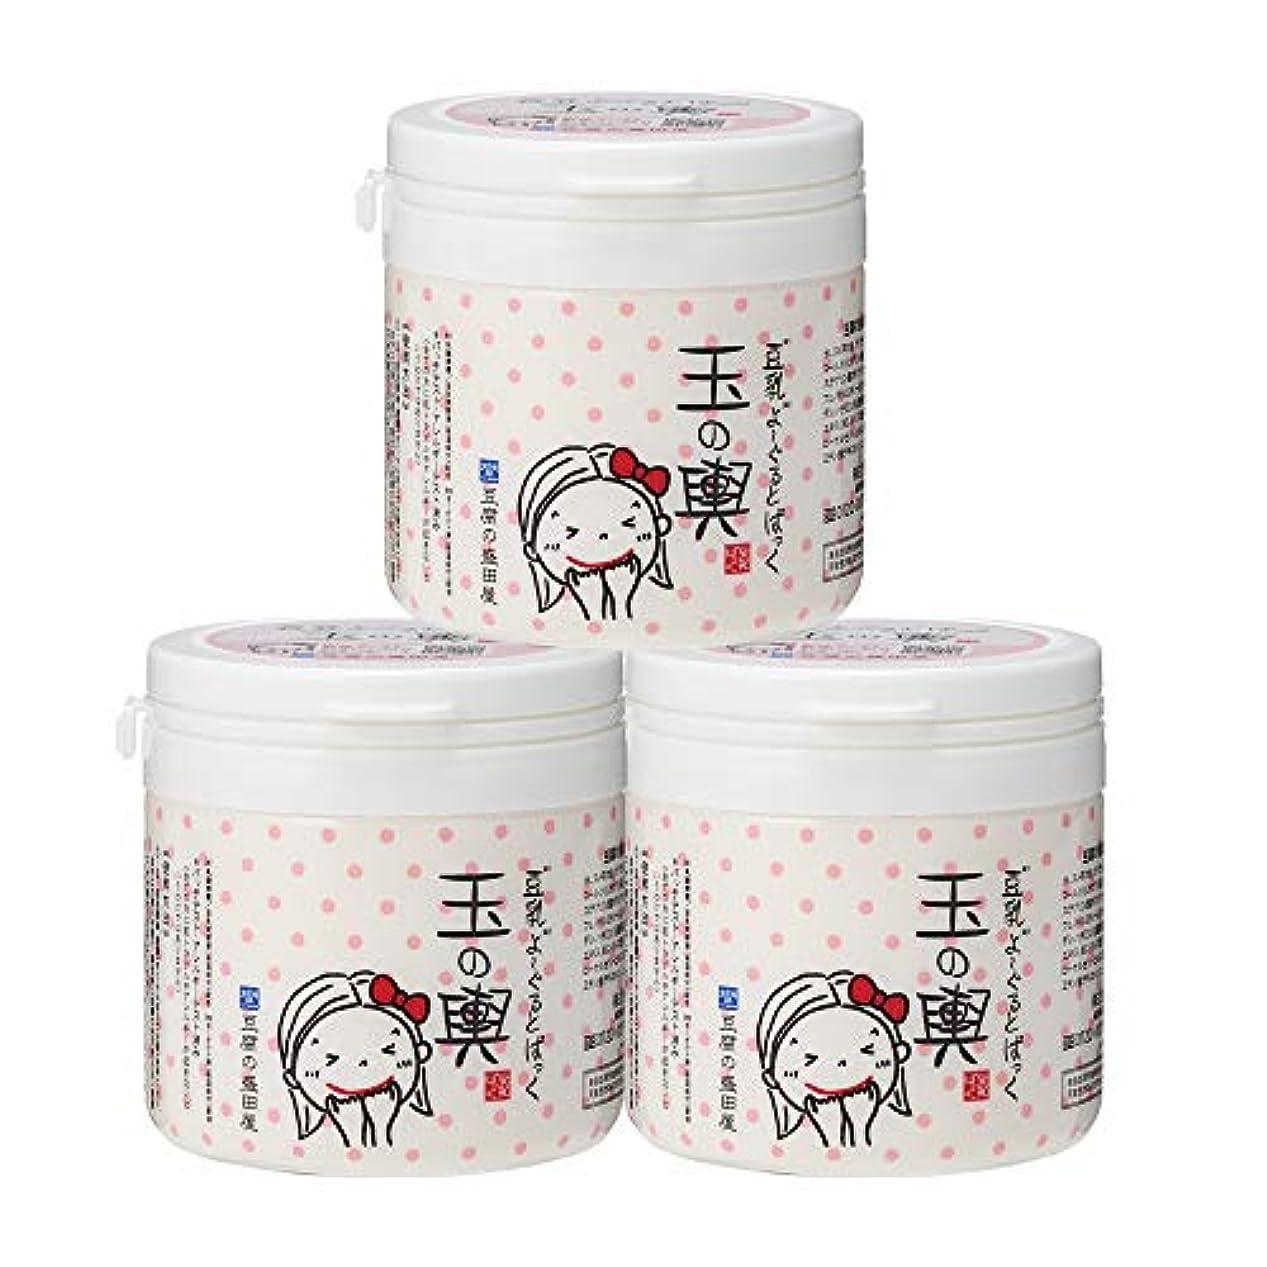 節約ごちそう世界に死んだ豆腐の盛田屋 豆乳よーぐるとぱっく 玉の輿 150g×3個セット